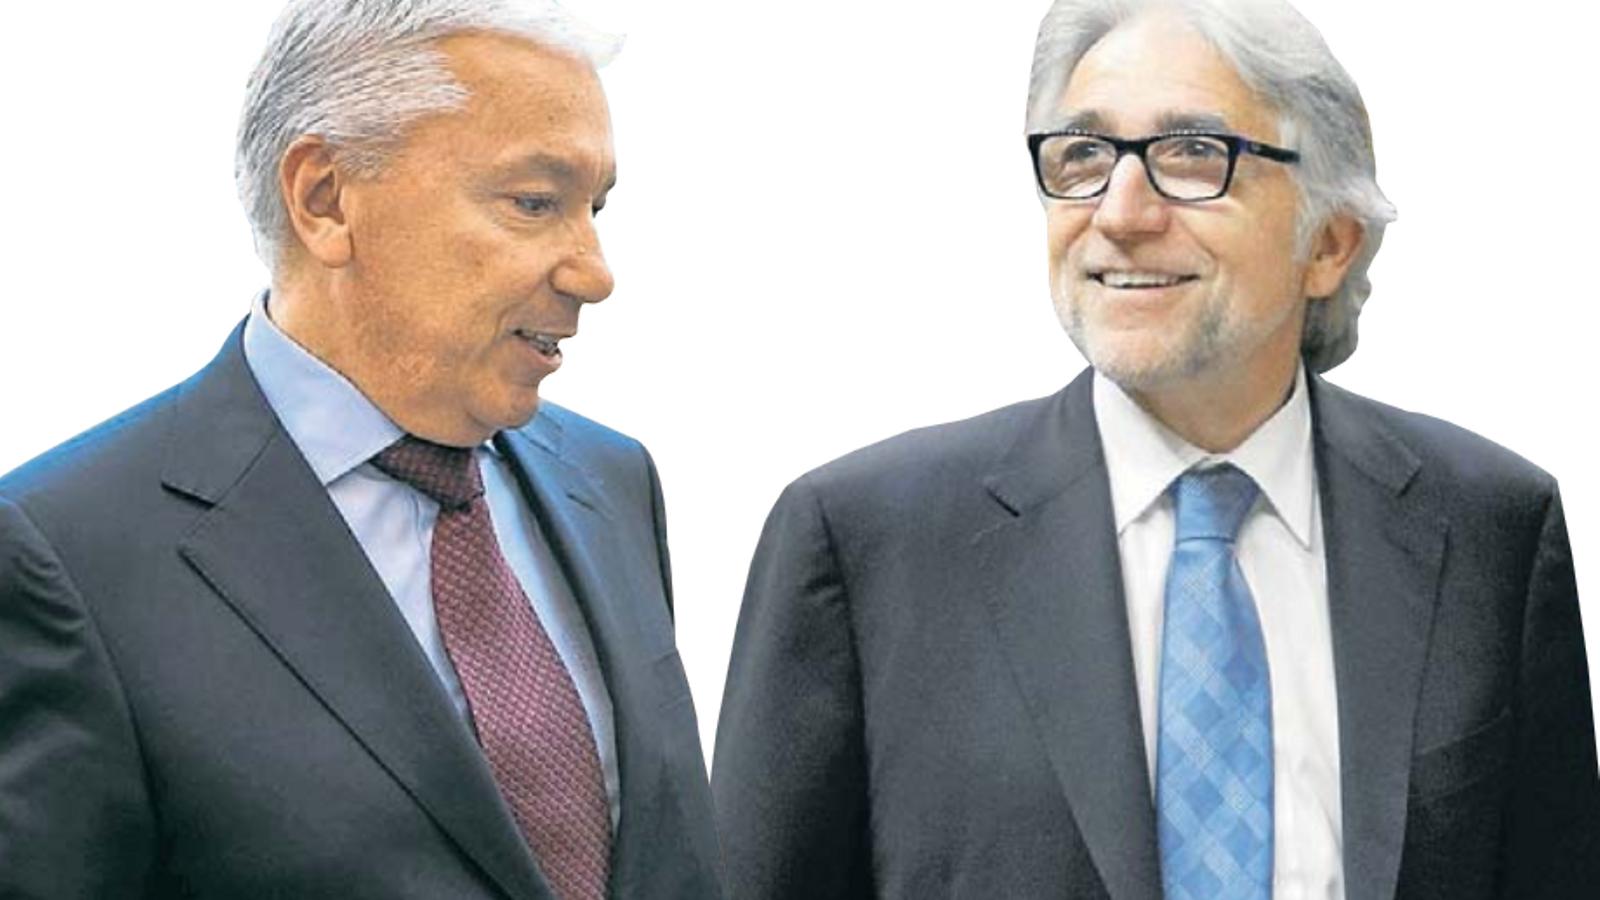 Antoni Abad i Josep Sánchez Llibre s'erigeixen en rivals pel control de Foment